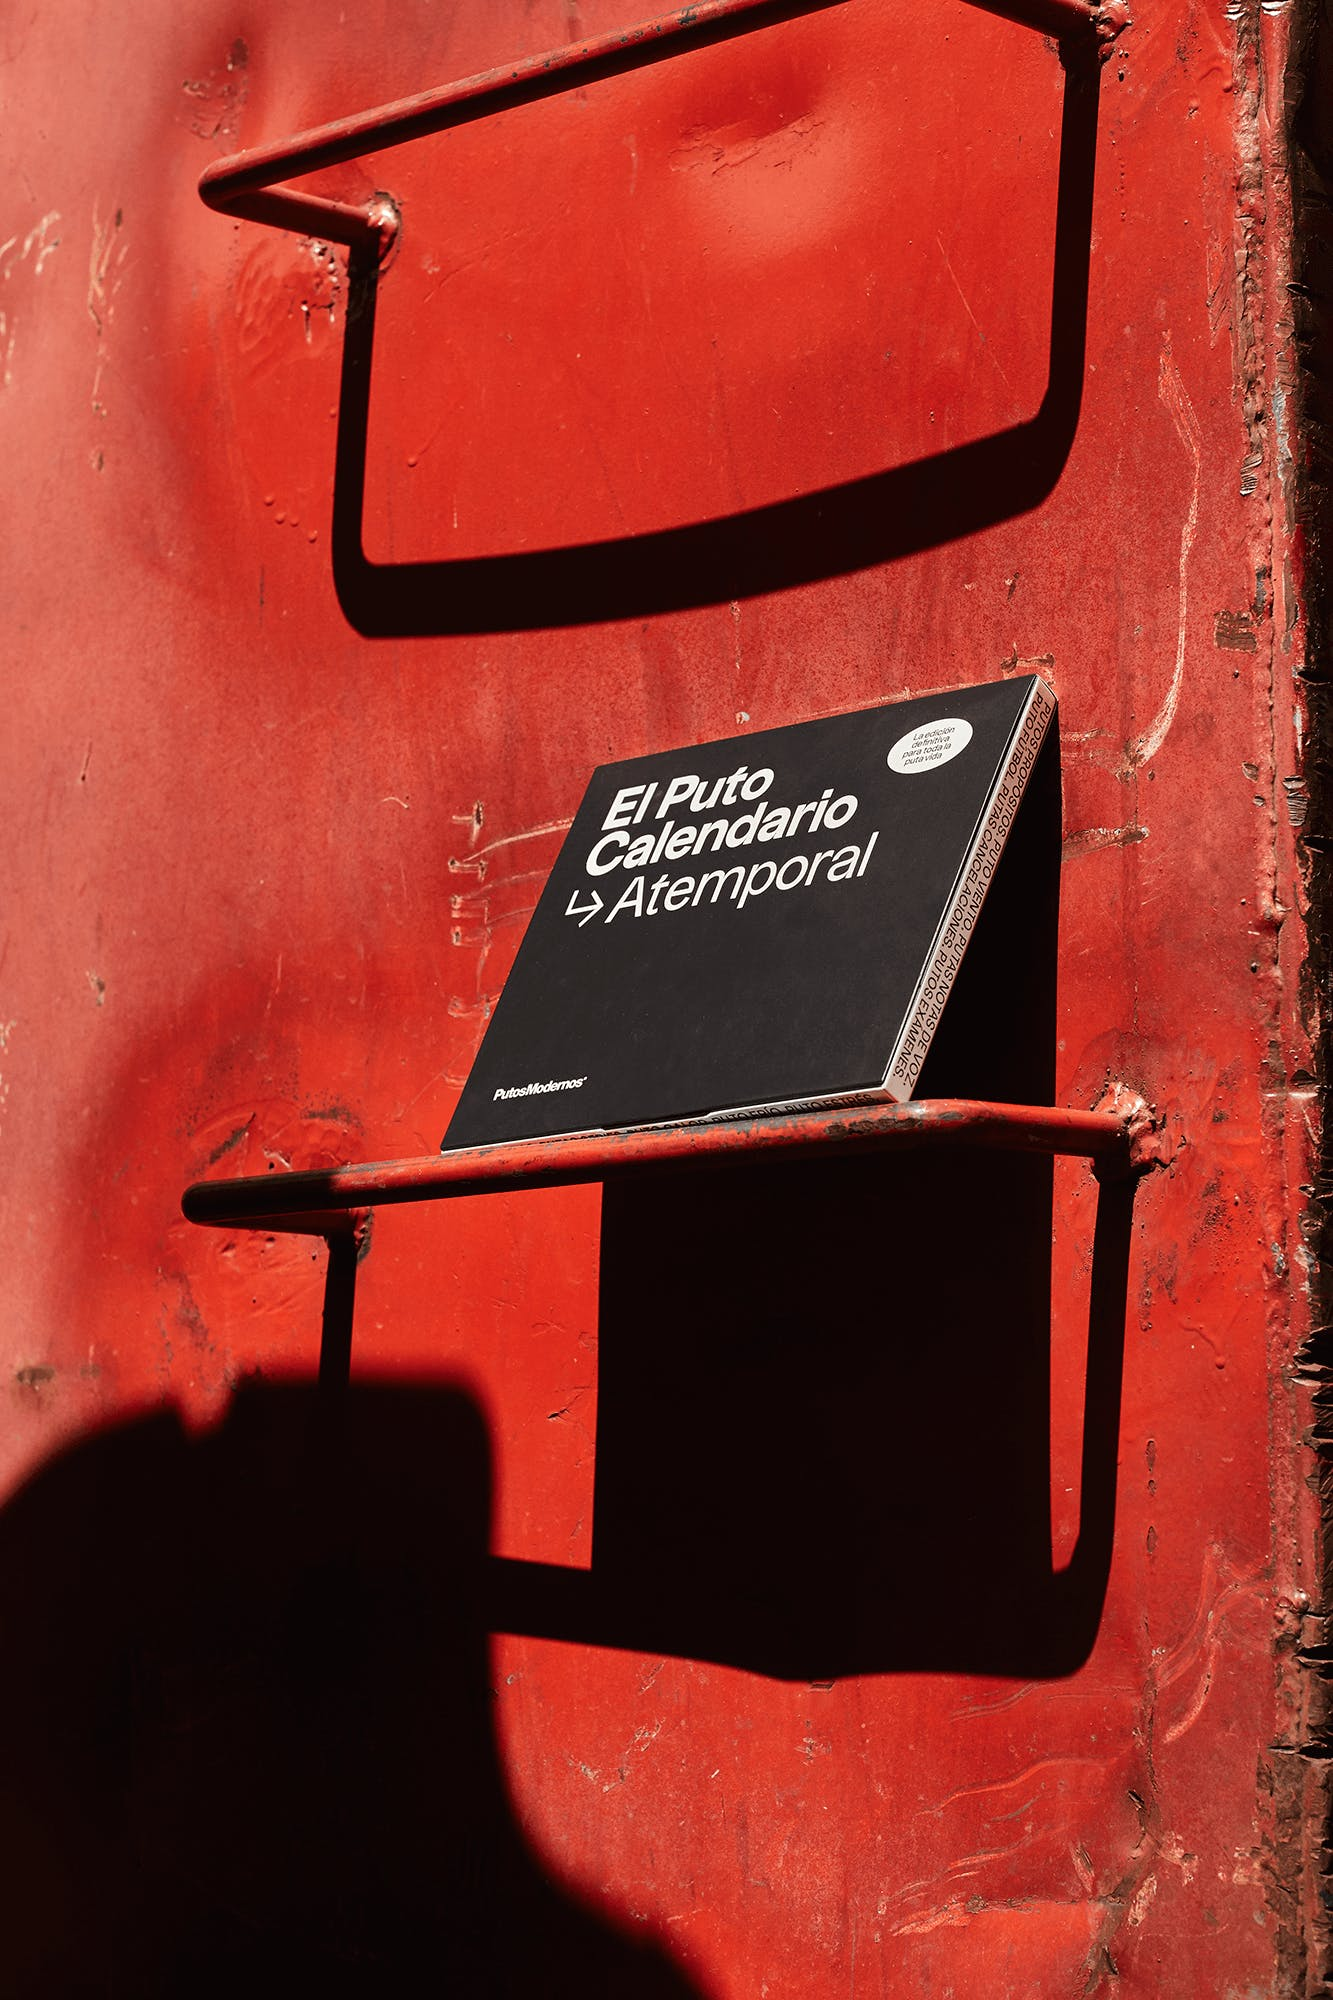 Packaging El Puto Calendario Atemporal